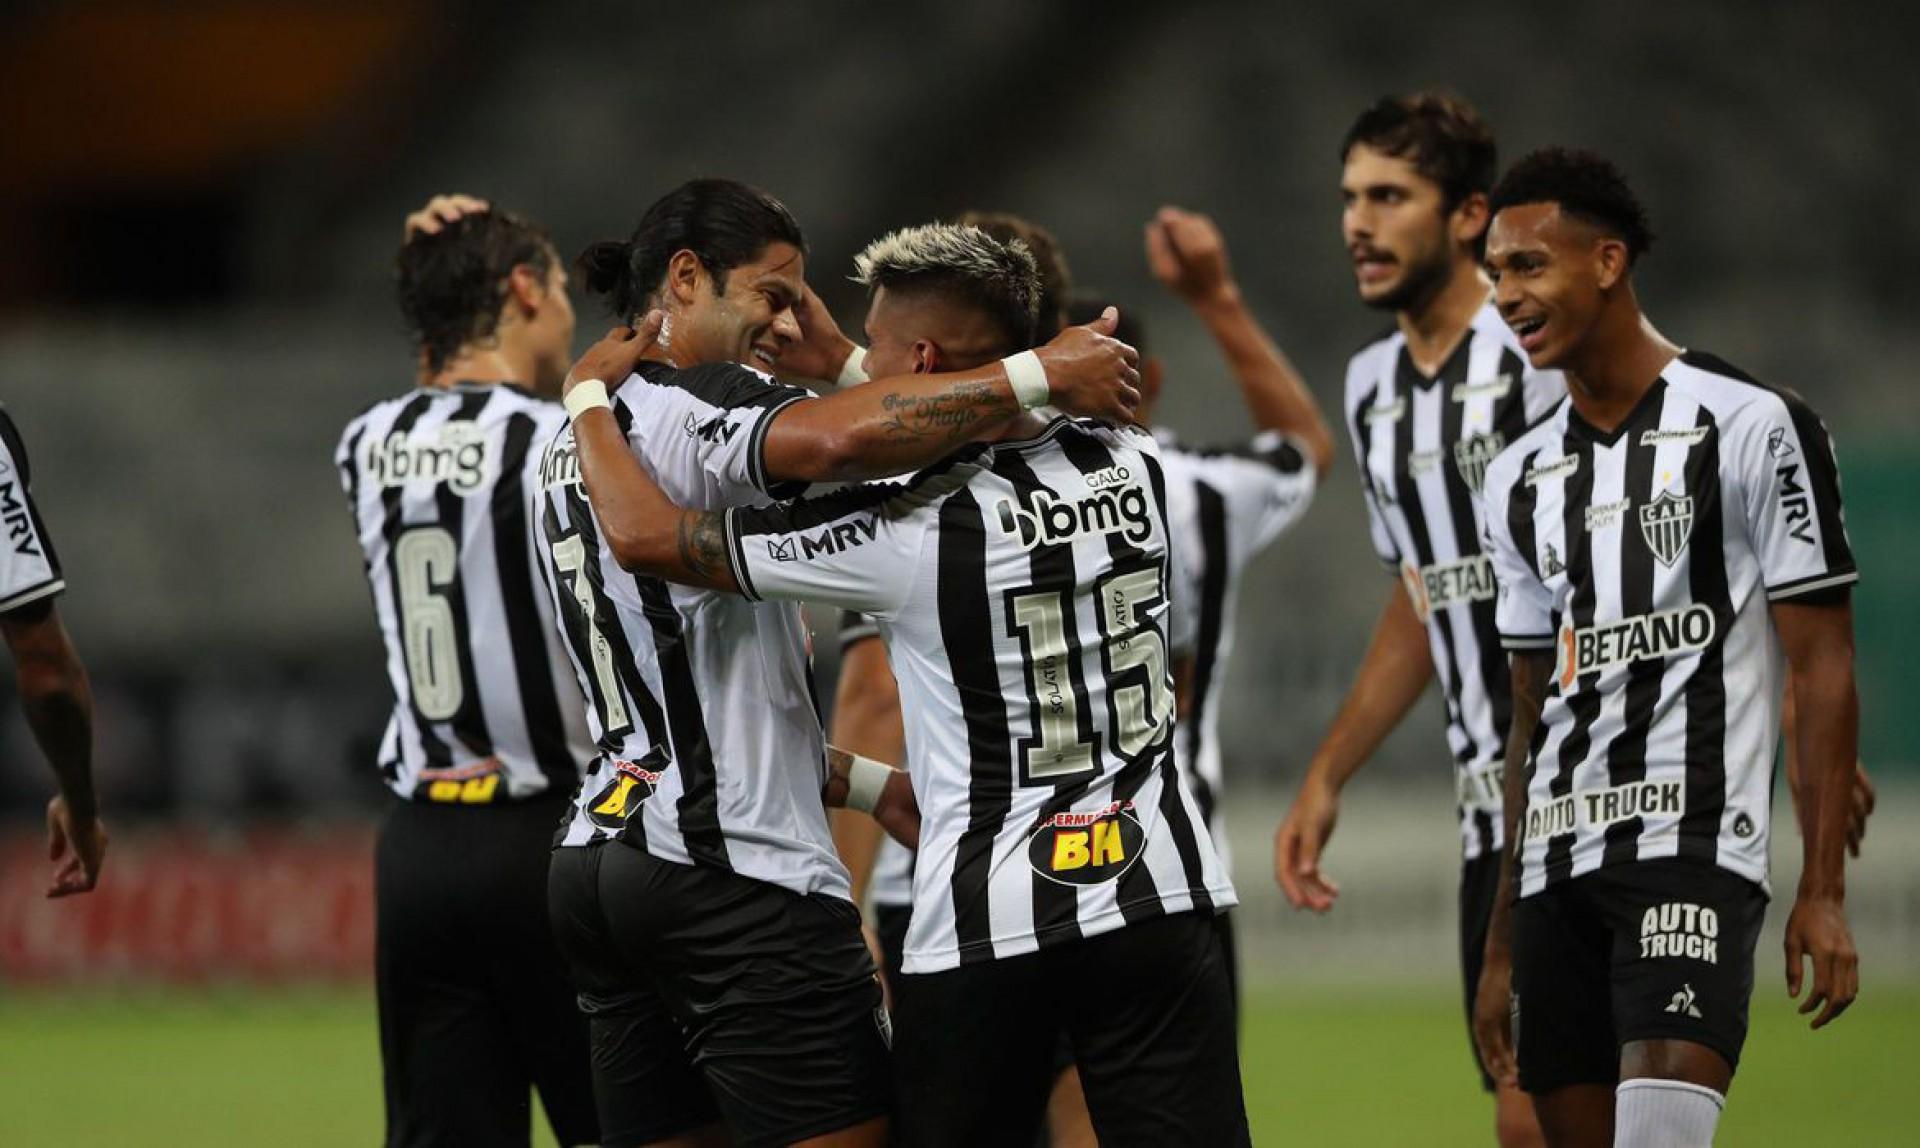 La Guaira X Atletico Mg Pela Libertadores Onde Assistir A Transmissao Ao Vivo Futebol Esportes O Povo